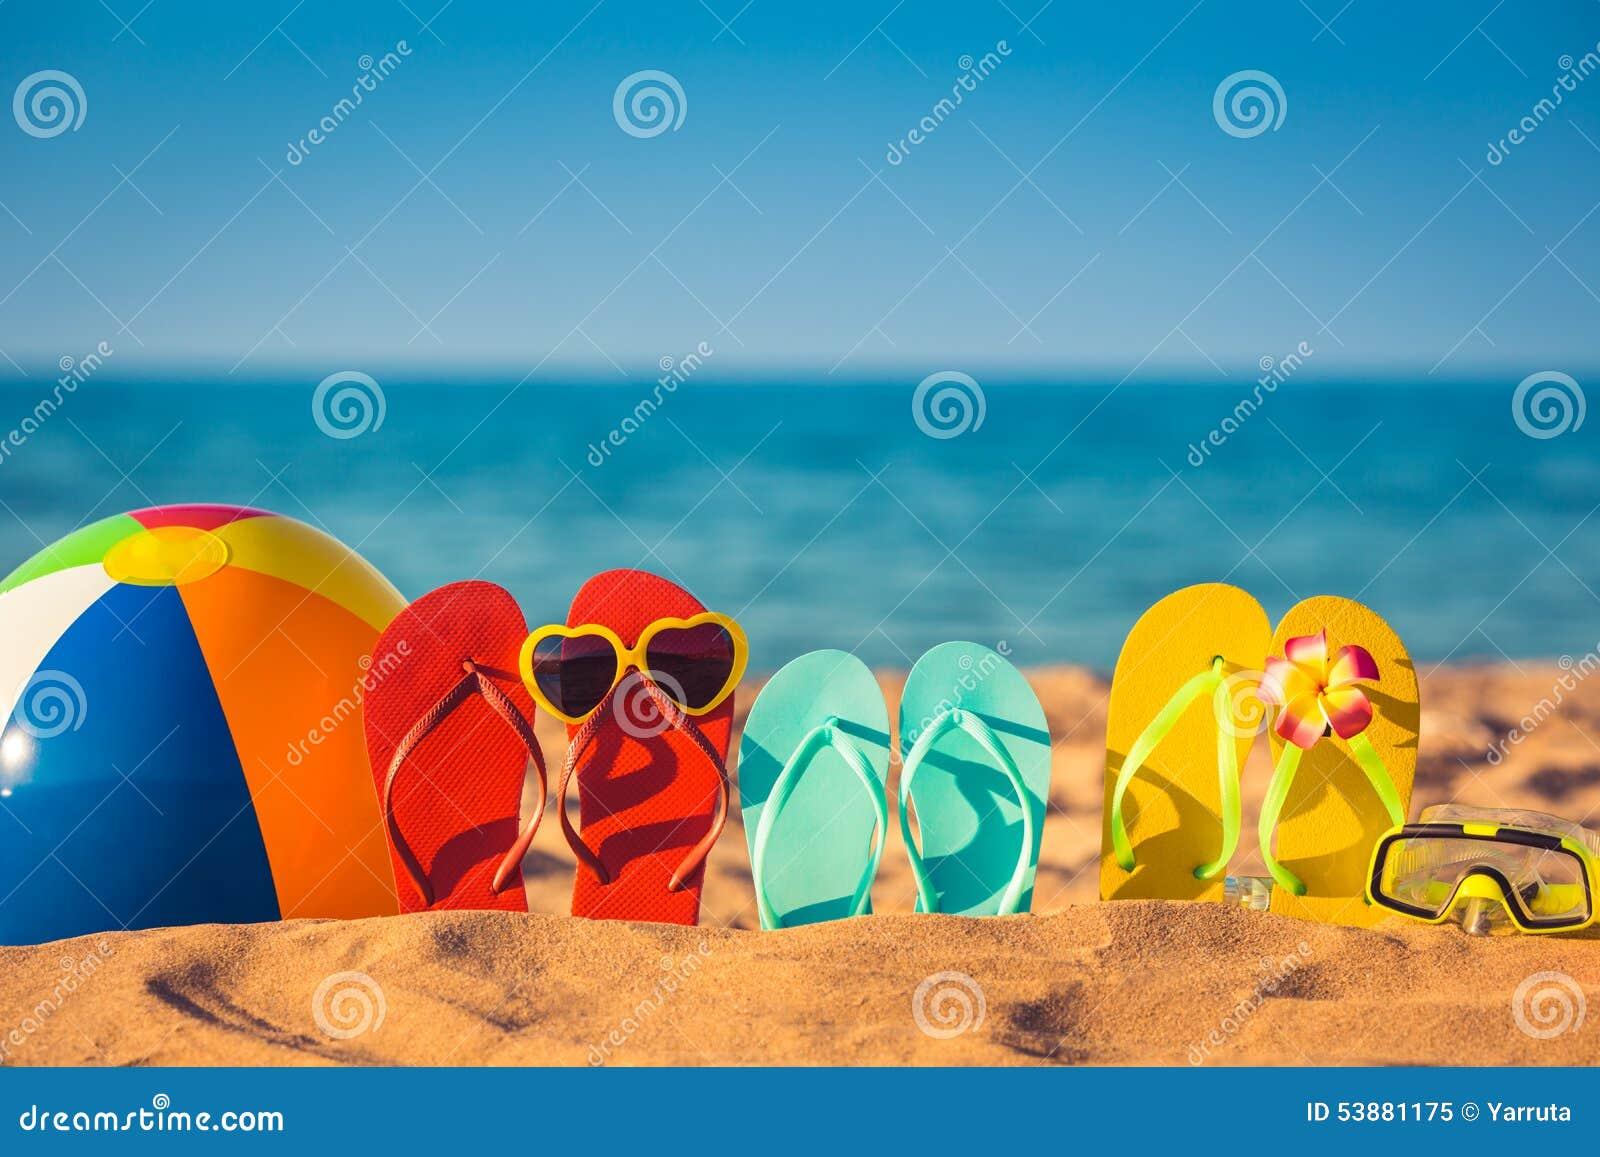 Flip-flop, beach ball e presa d aria sulla sabbia